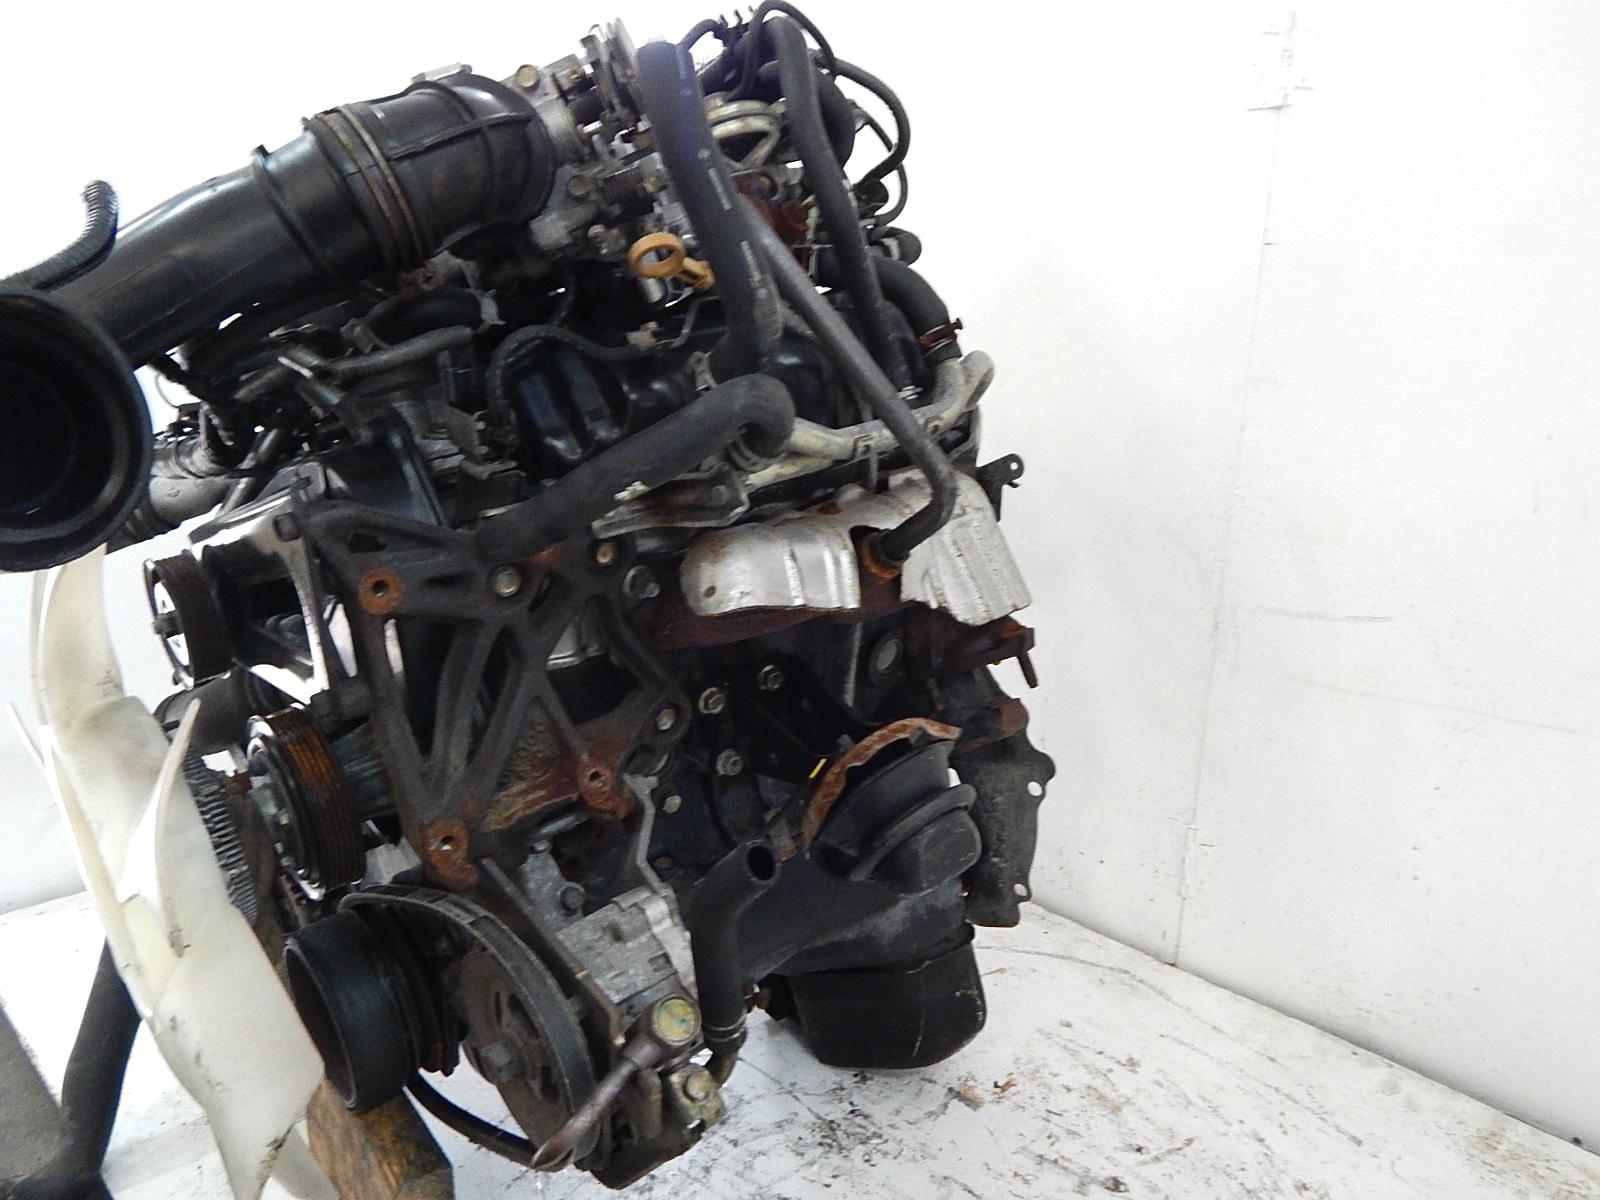 VG33DE PATHFINDER / XTERRA / FRONTIER VG33 ENGINE | JDM Of San Diego